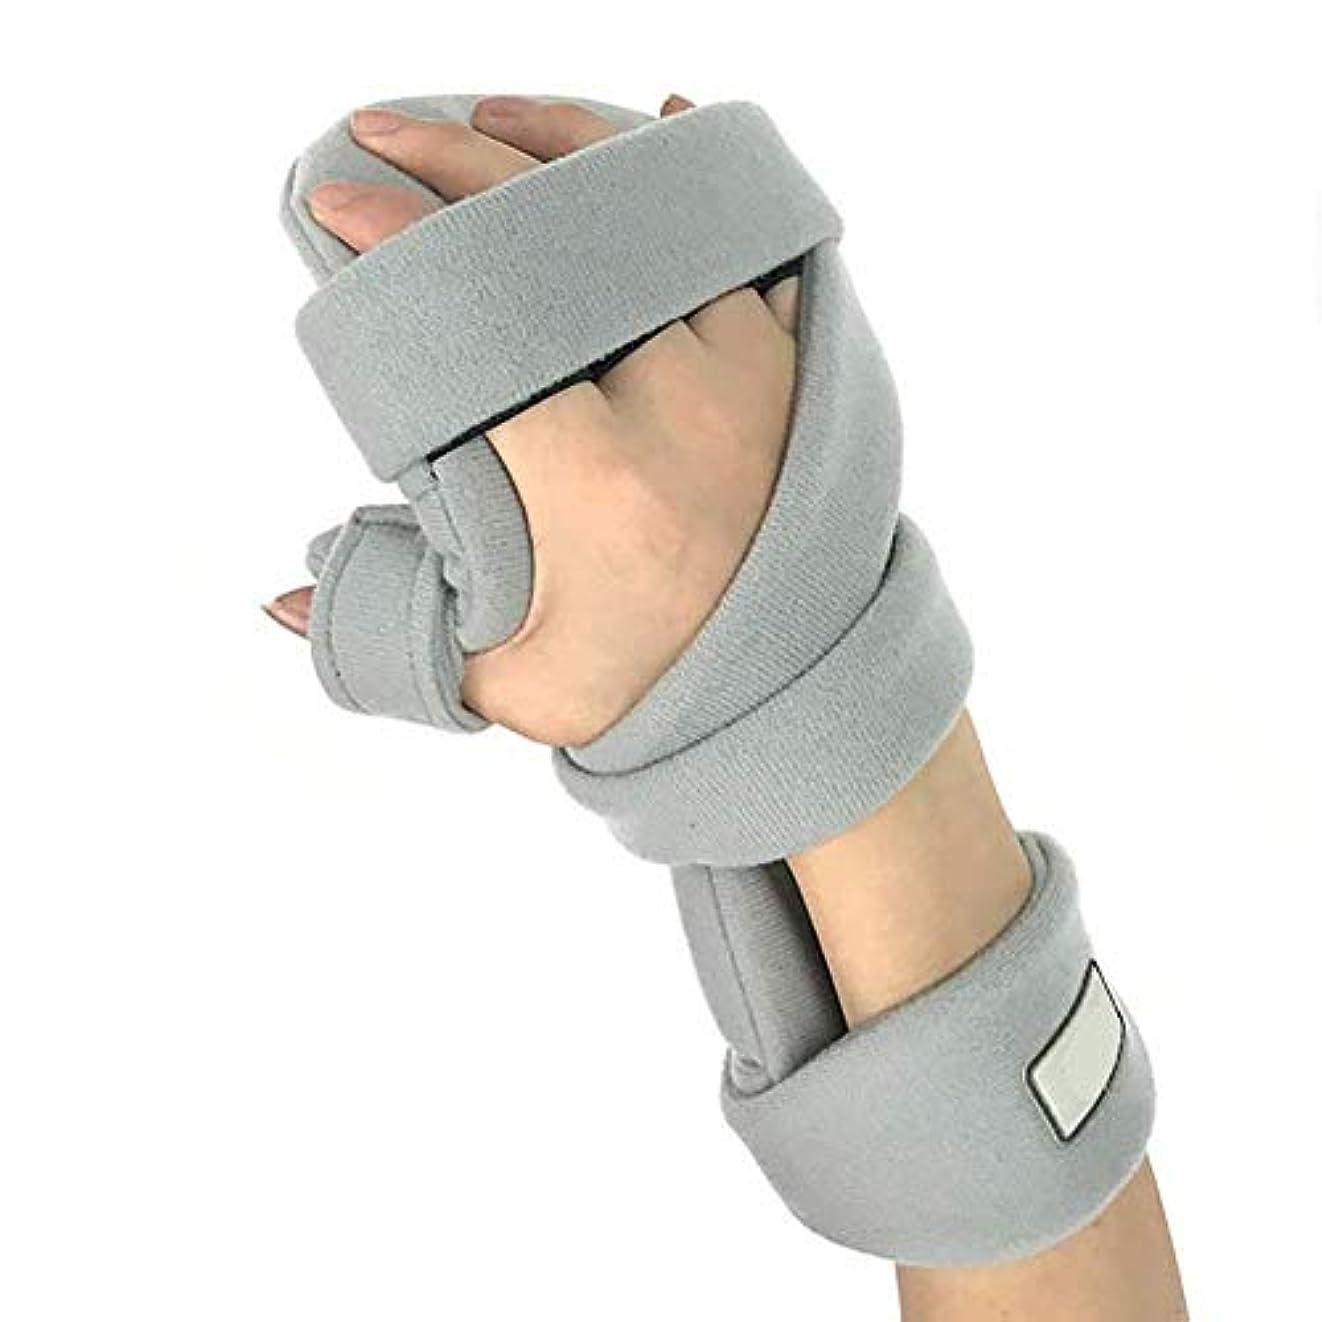 そんなに勢い賄賂指トレーニング装置 - 指副子 - 脳卒中/片麻痺/手首の痛みのための脳卒中リハビリ機器指矯正装置 (Color : Right)